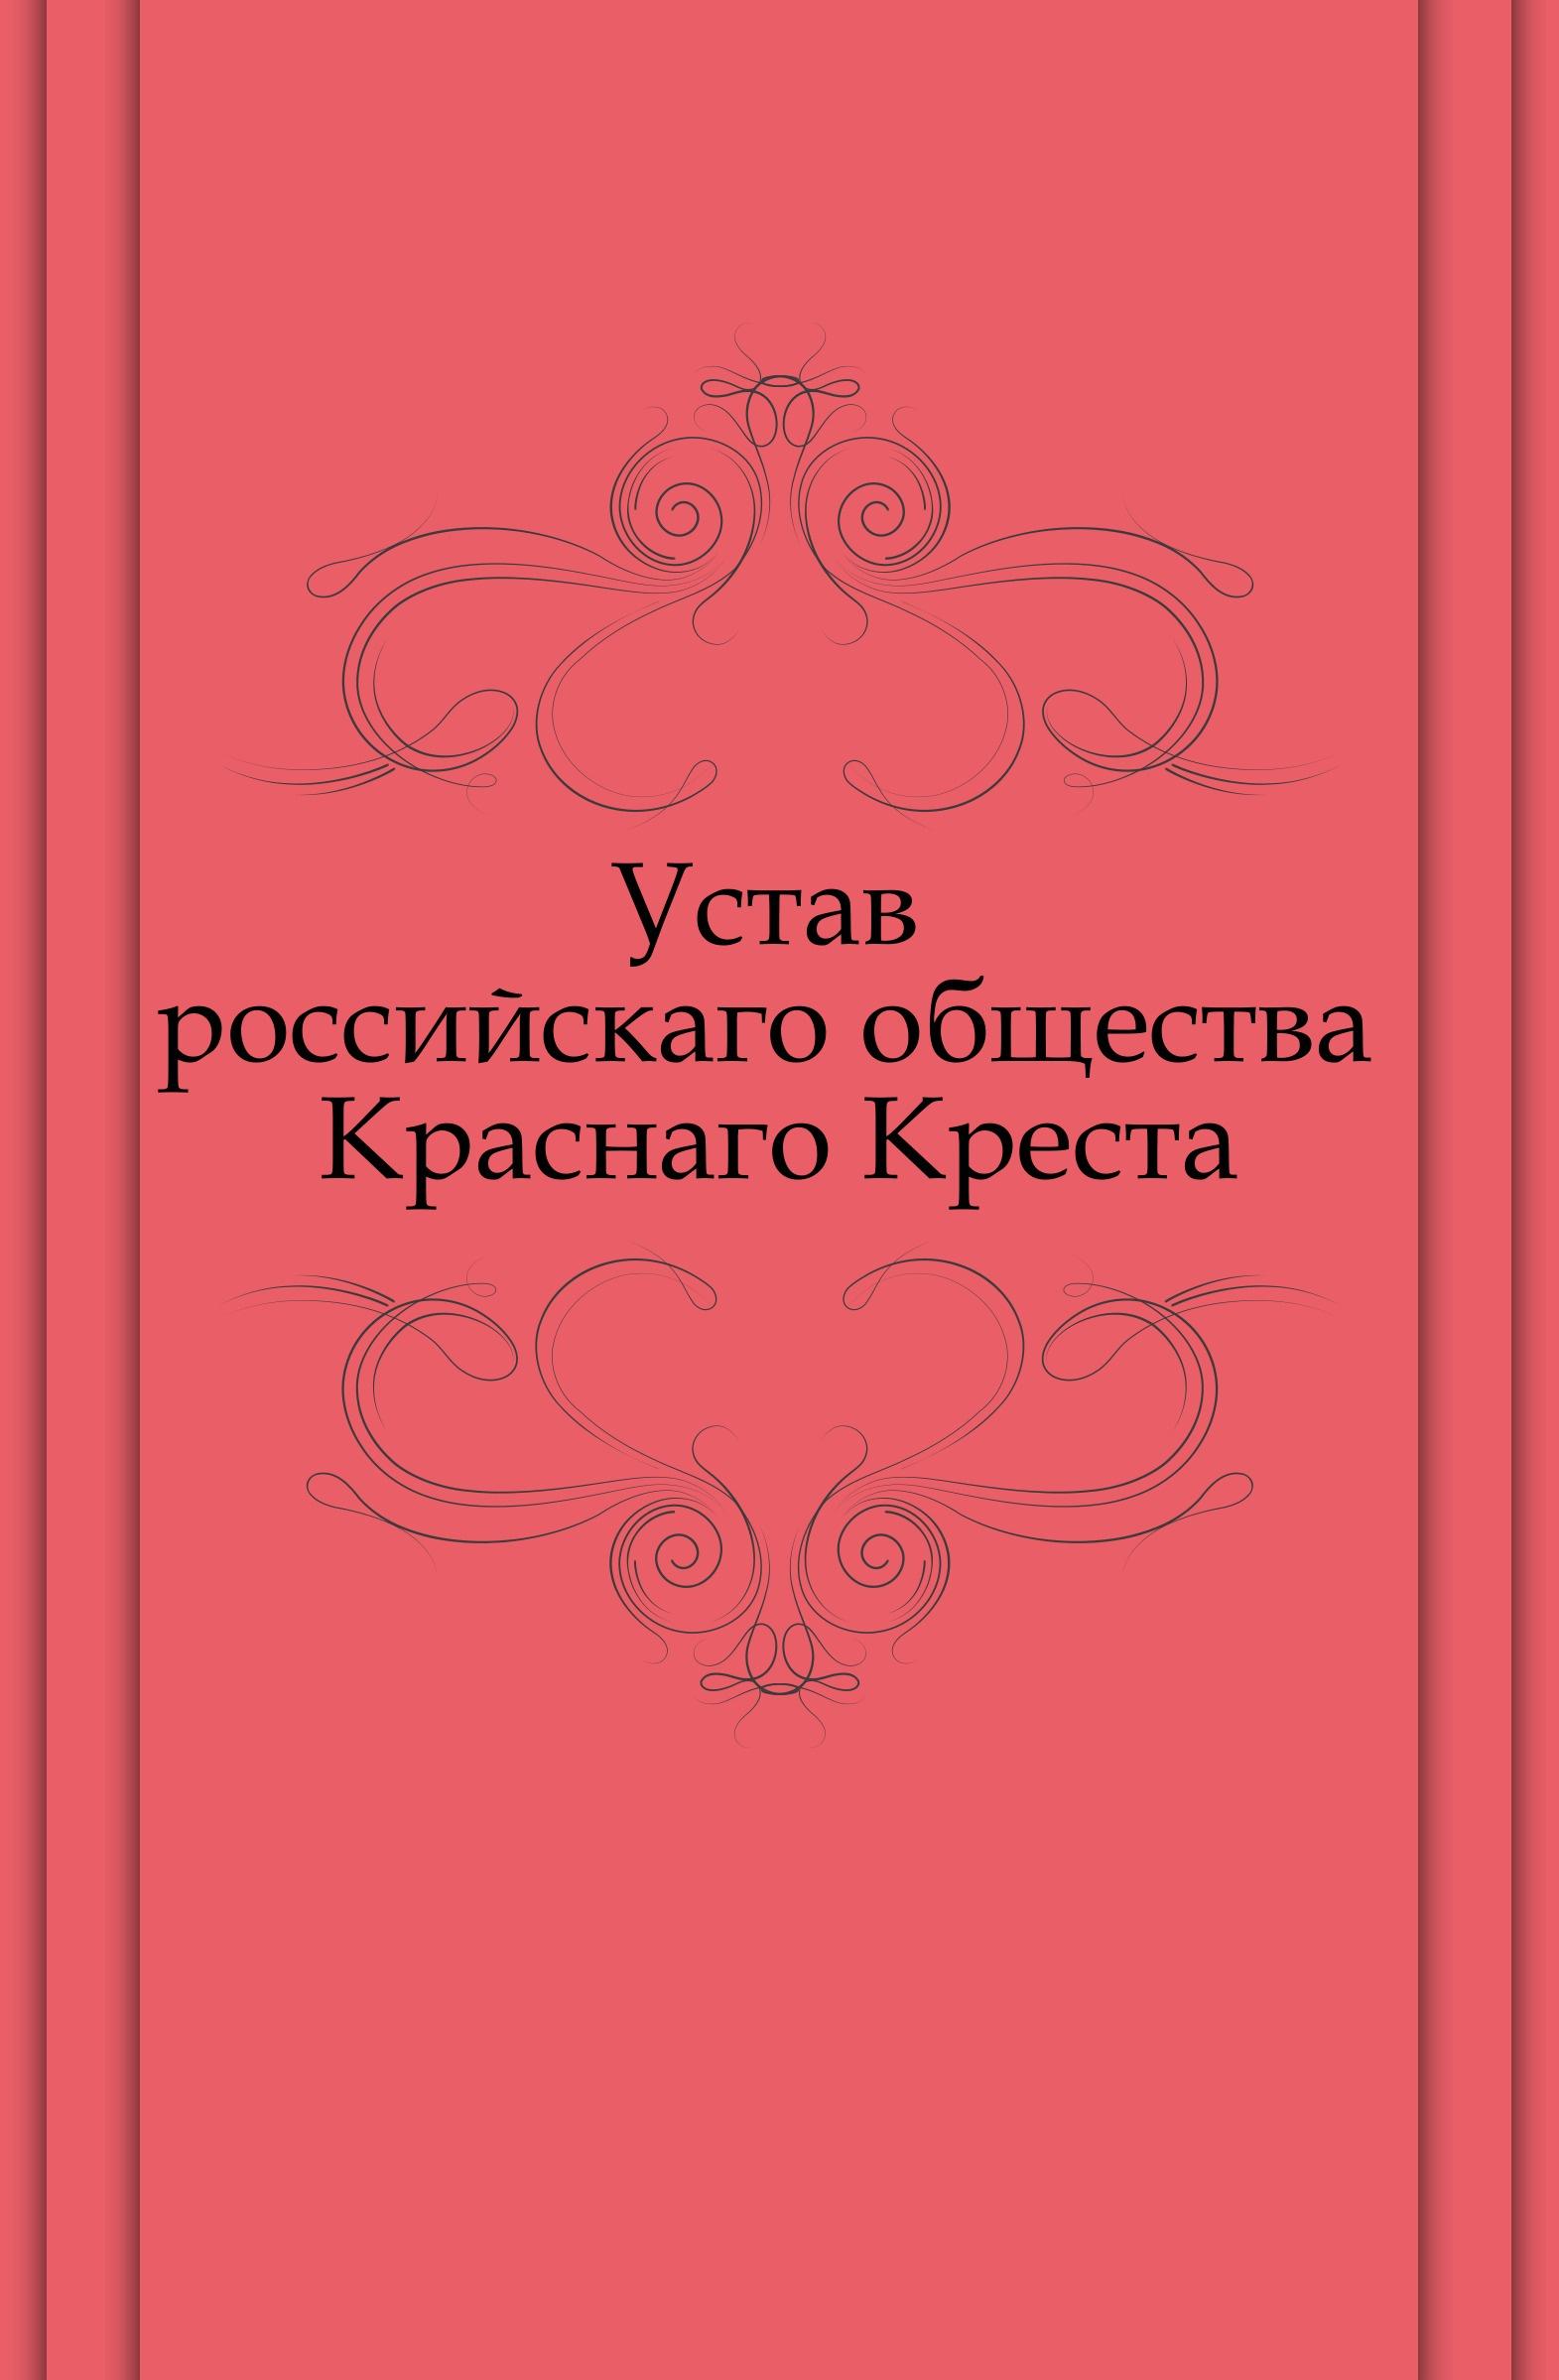 Неизвестный автор Устав российскаго общества Краснаго Креста неизвестный автор устав российскаго общества краснаго креста